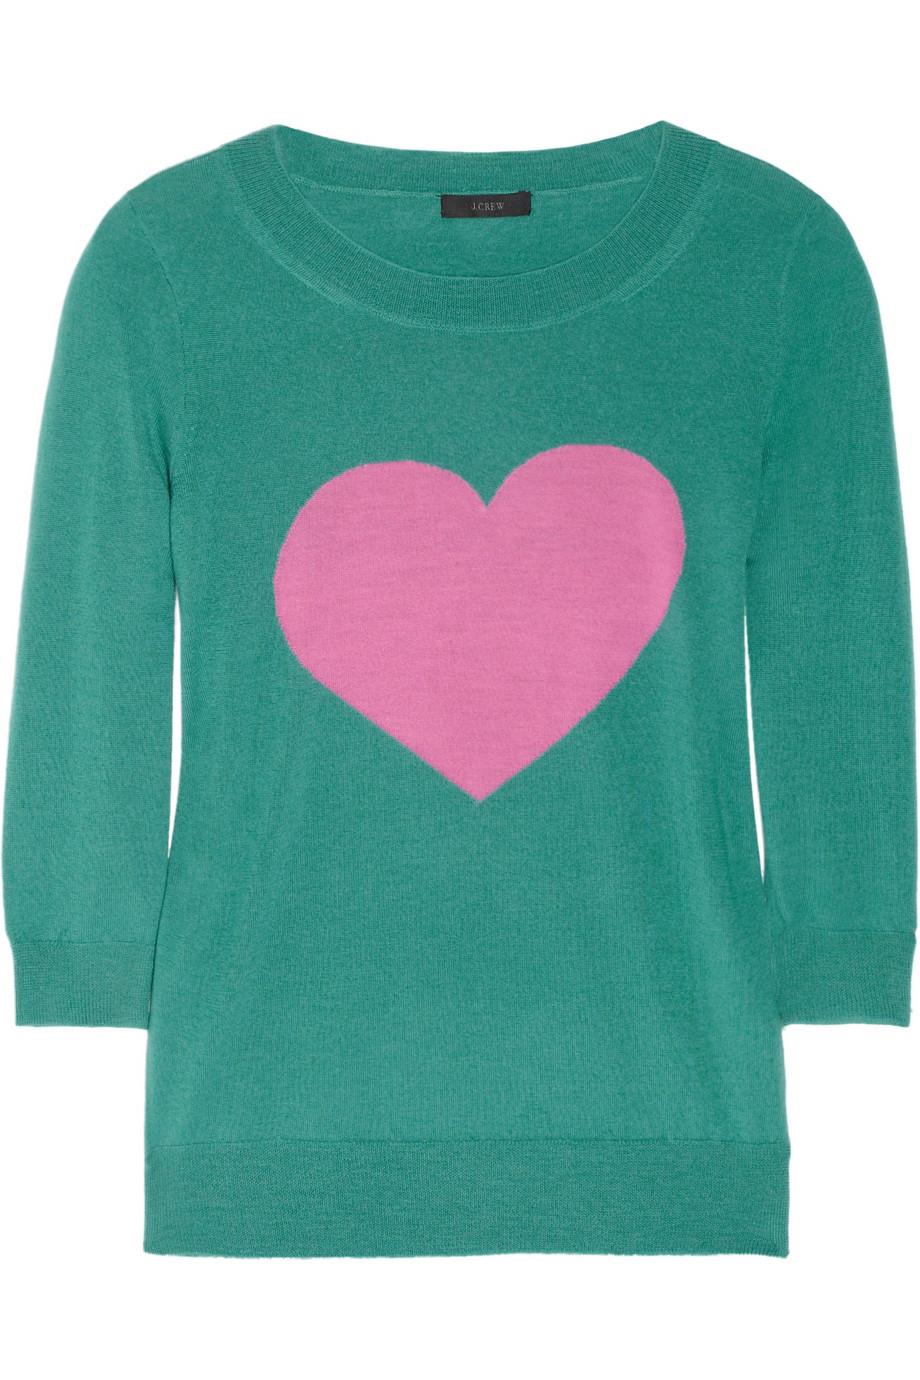 Wool Sweater Grey: J.crew Tippi Fineknit Merino Wool Heart Sweater In Green